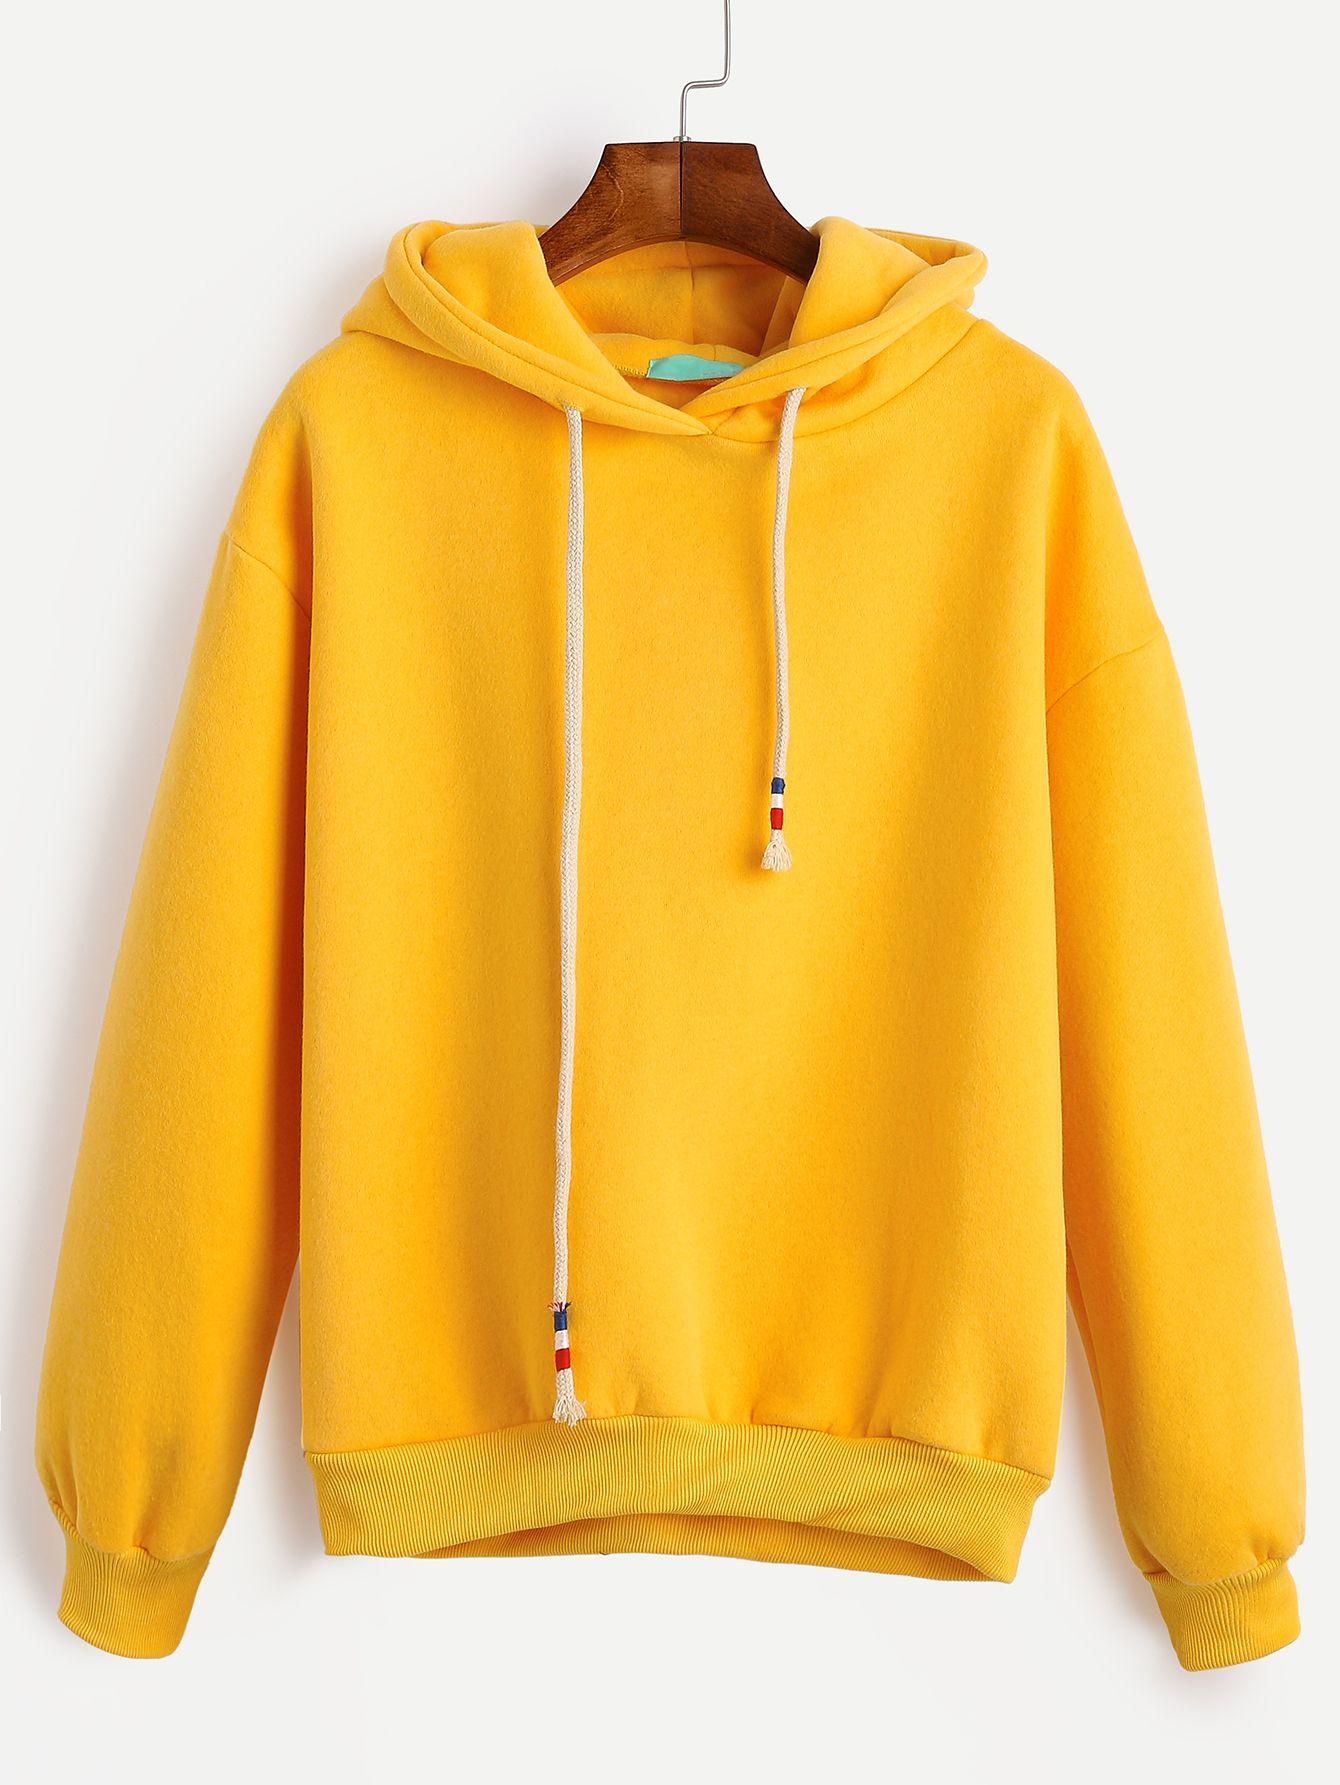 f66e5197e1 Shop Yellow Drop Shoulder Drawstring Hooded Sweatshirt online. SheIn offers  Yellow Drop Shoulder Drawstring Hooded Sweatshirt & more to fit your  fashionable ...